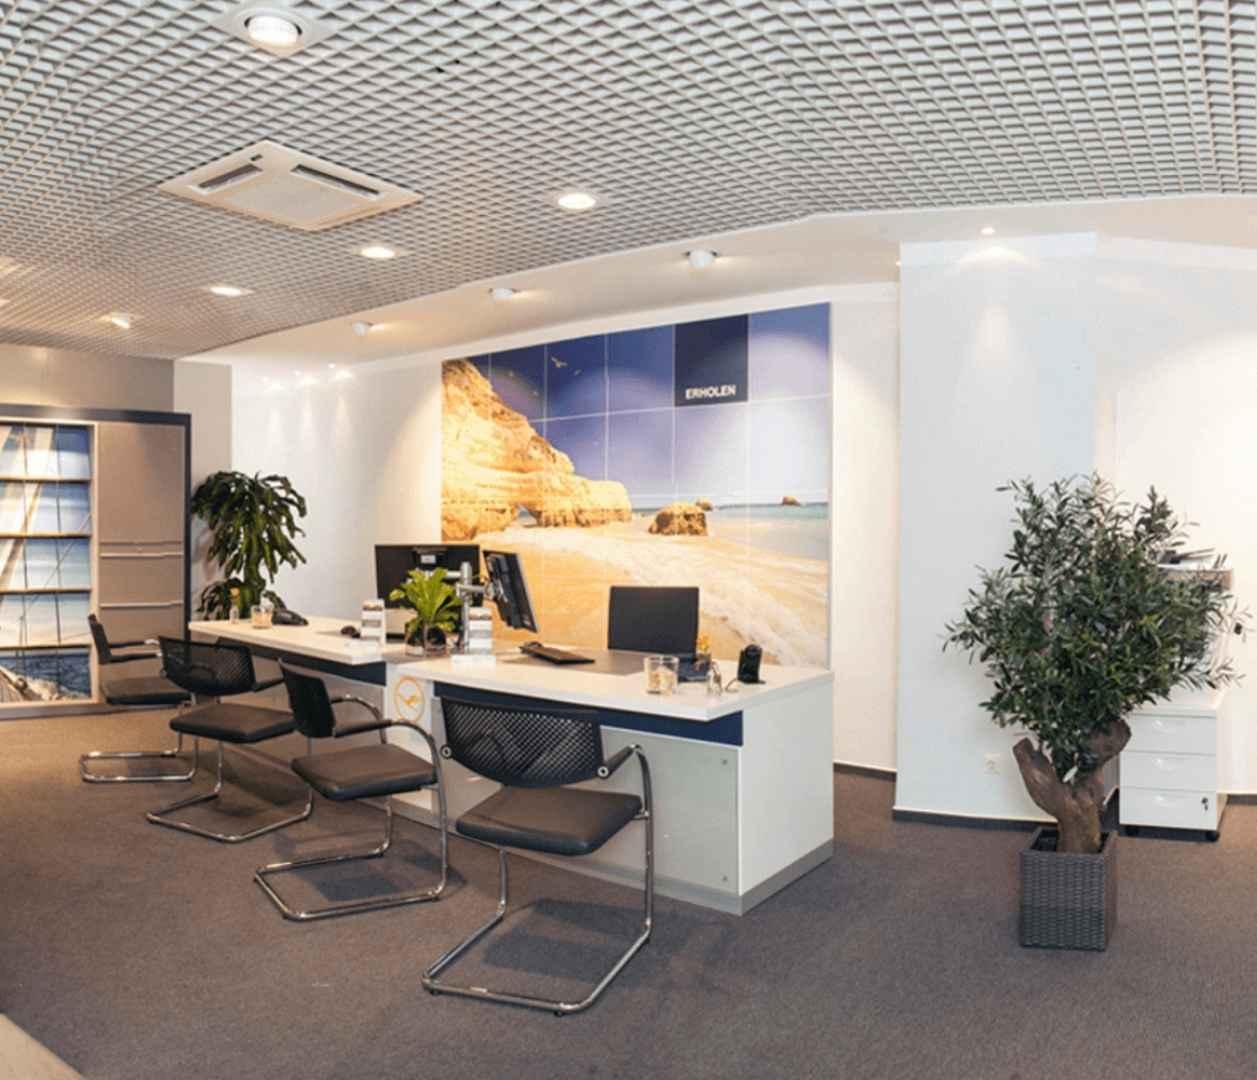 Reisebüro Schlagheck in Coesfeld, Innenansicht